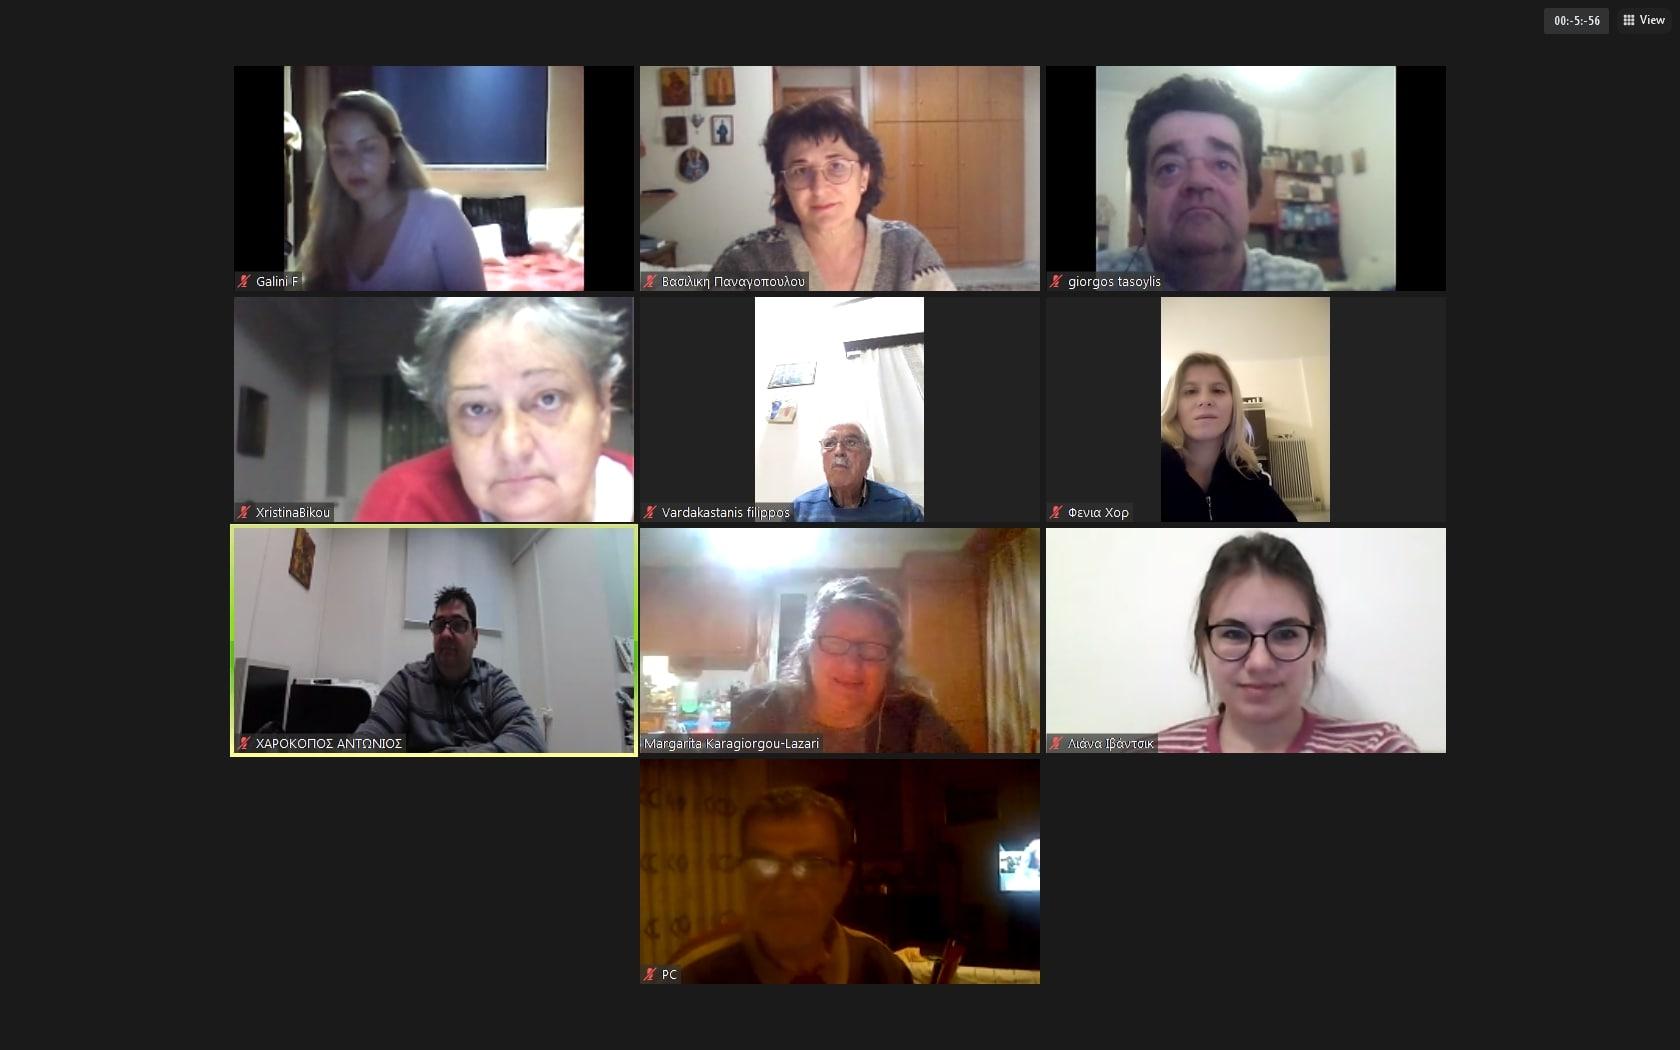 Συνεδρίαση Διοικητικού Συμβουλίου Π.ΟΜ.Α.μεΑ Δ.Ε. & Ν.Ι.Ν. 23-02-21